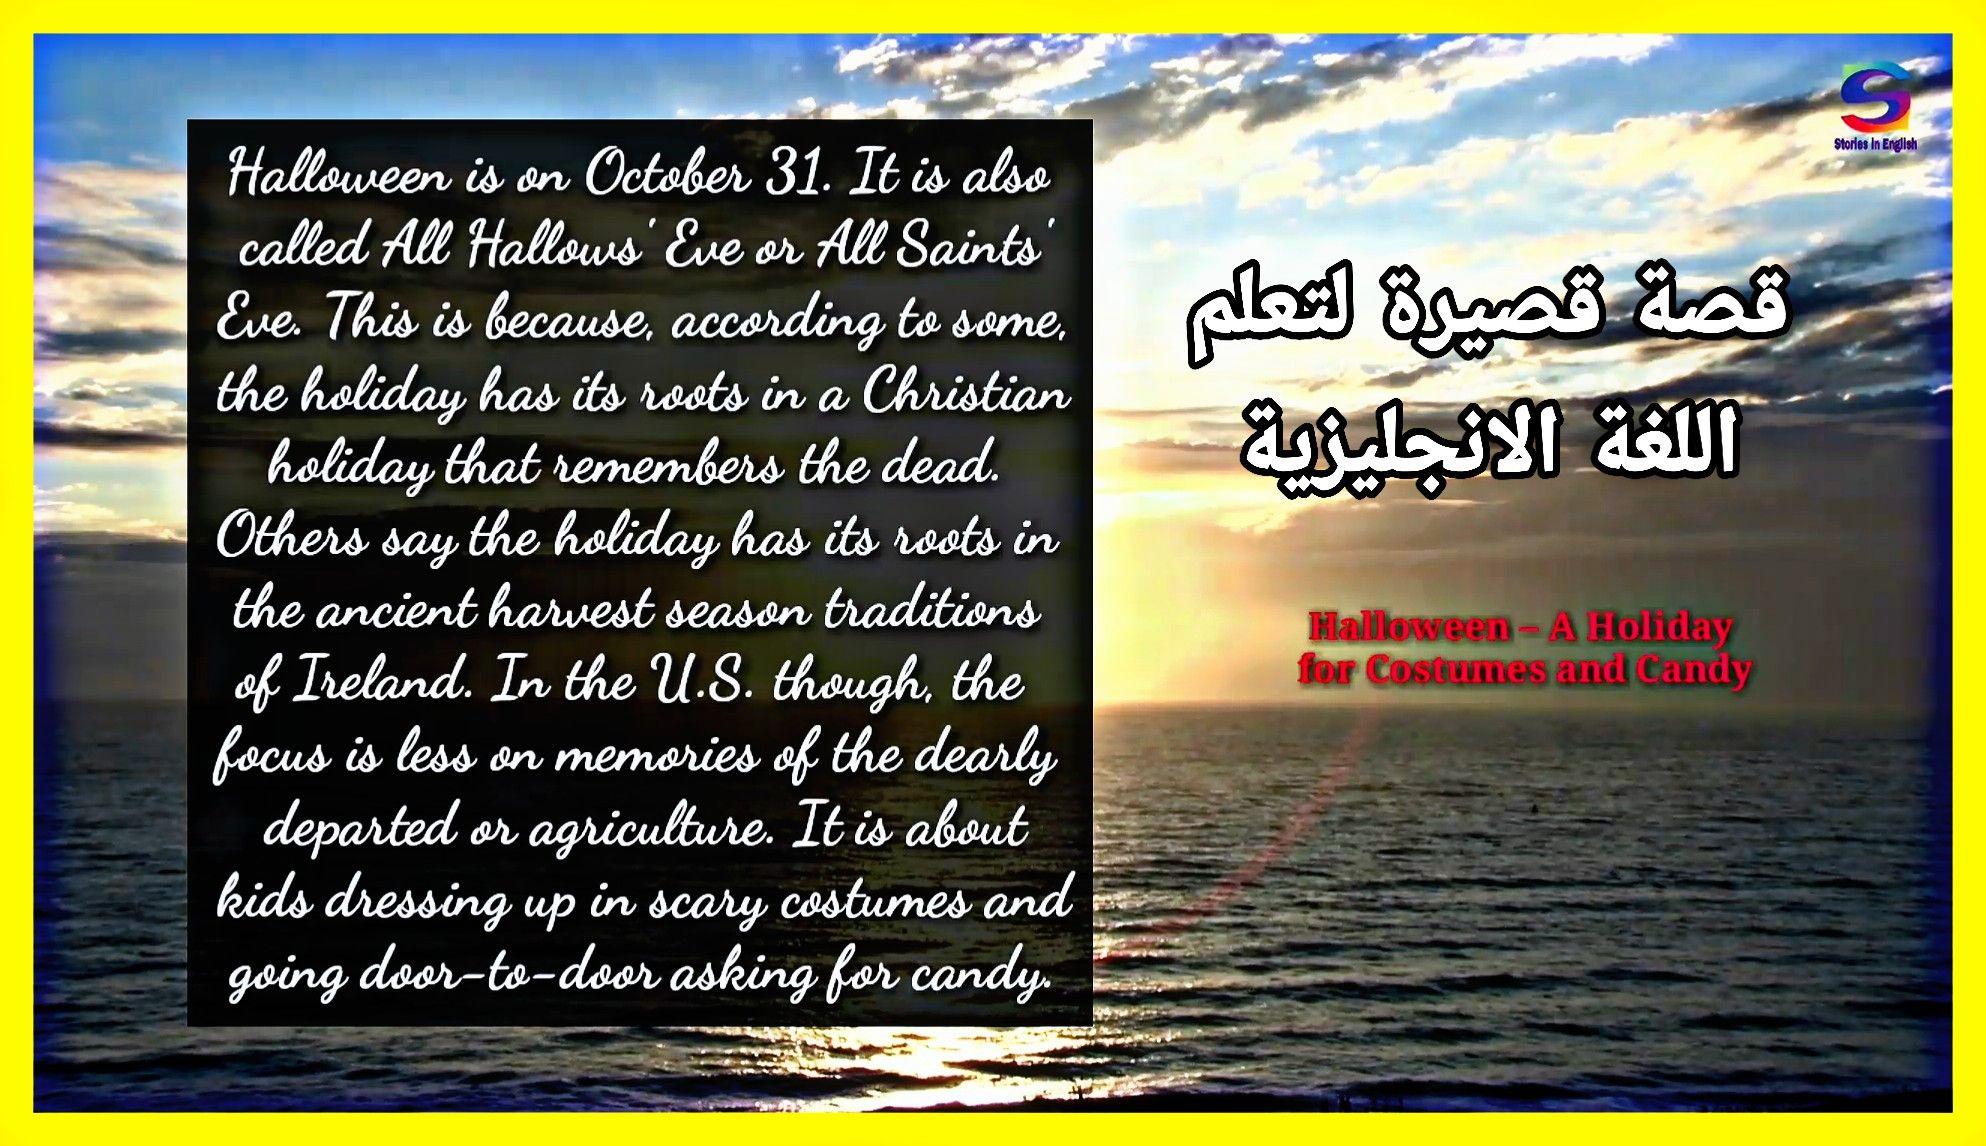 قصة قصيرة باللغة الانجليزية لتعلم اللغة الانجليزية للمبتدئين بطريقة سهلة ومبسطة وتحسين مهارة النطق Christian Holiday Hallows Eve Sayings